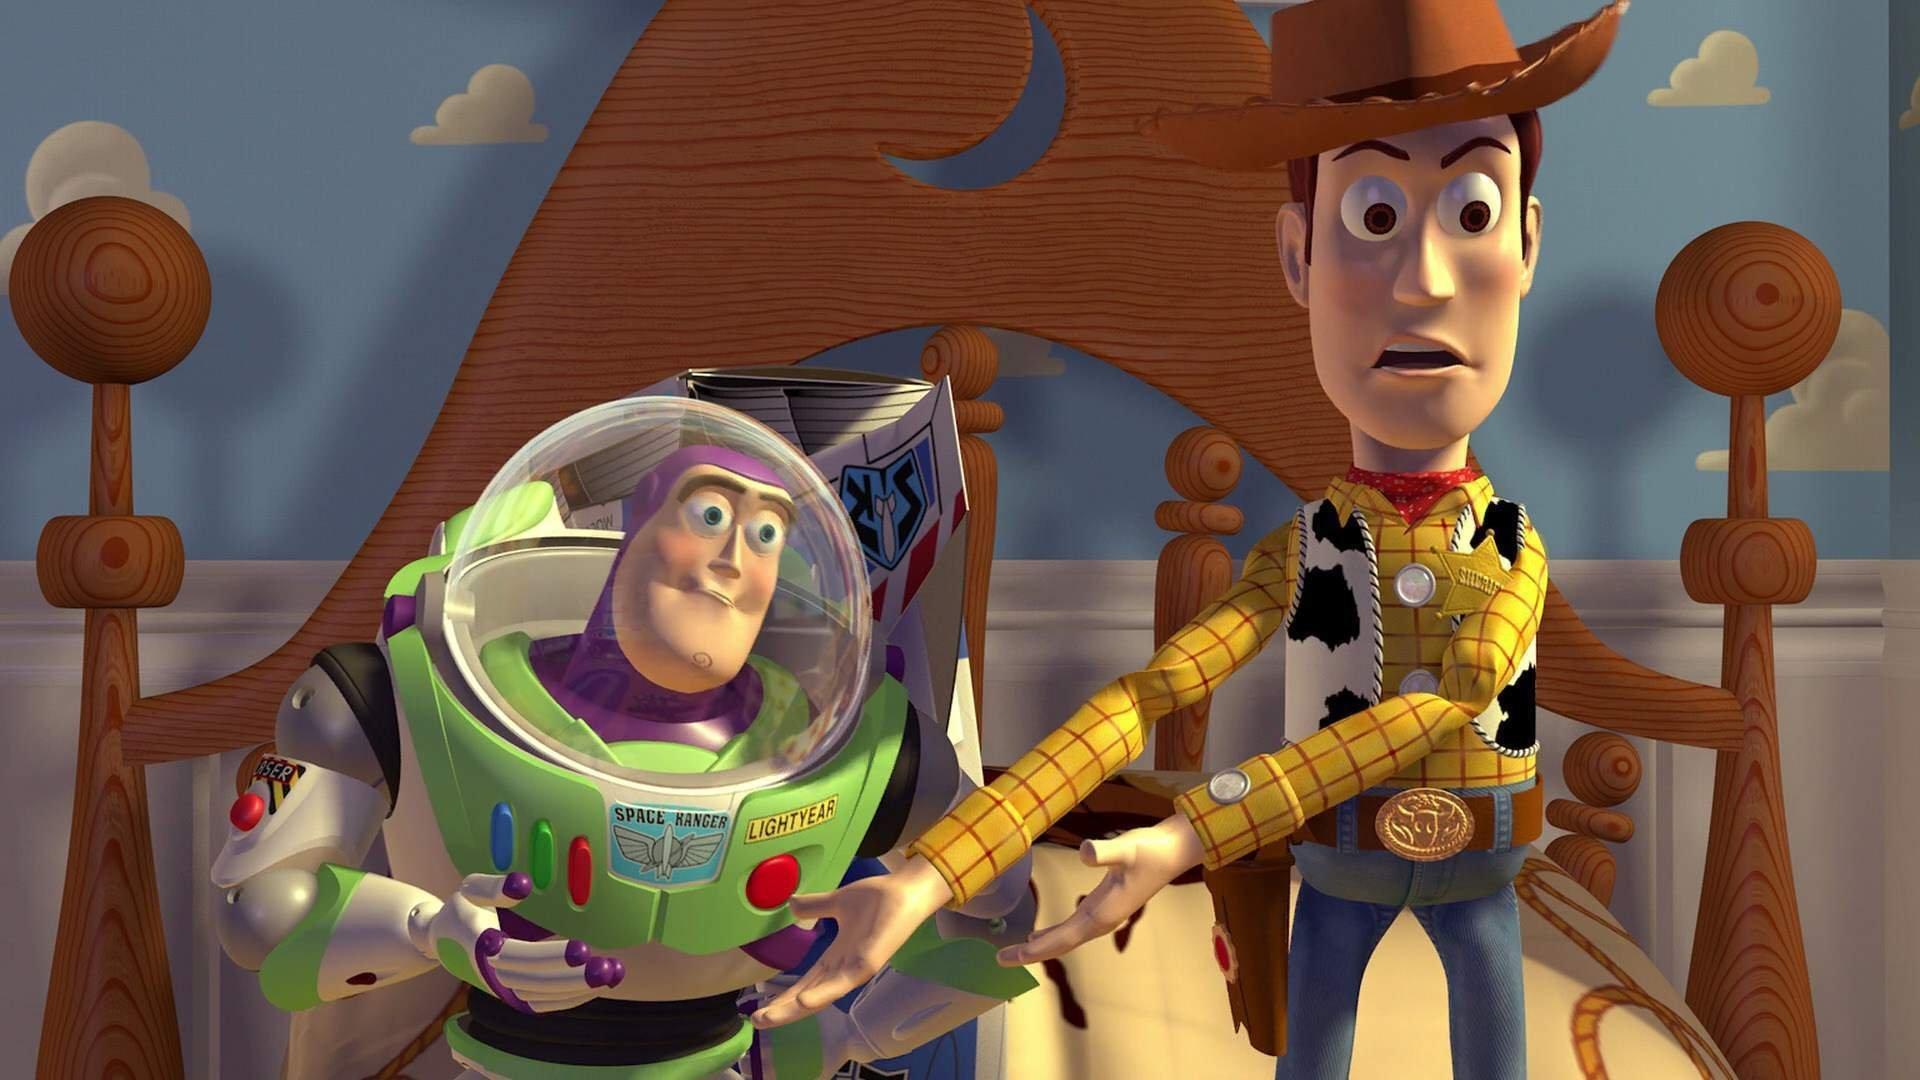 En iyi Pixar filmleri Toy Story filmi